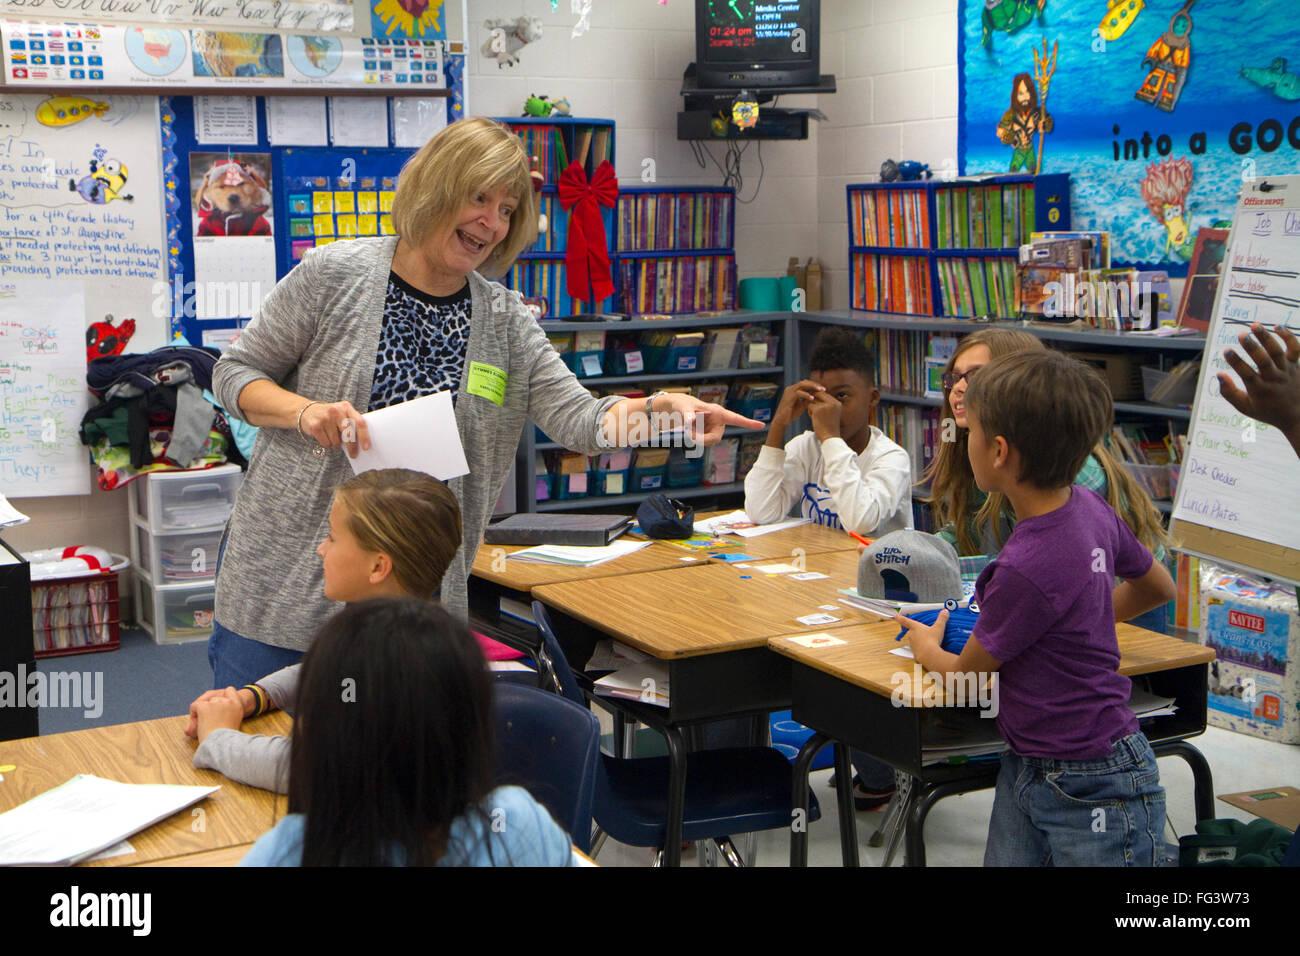 Dans l'enseignant en classe avec les élèves de 4 e année, aux États-Unis. Photo Stock